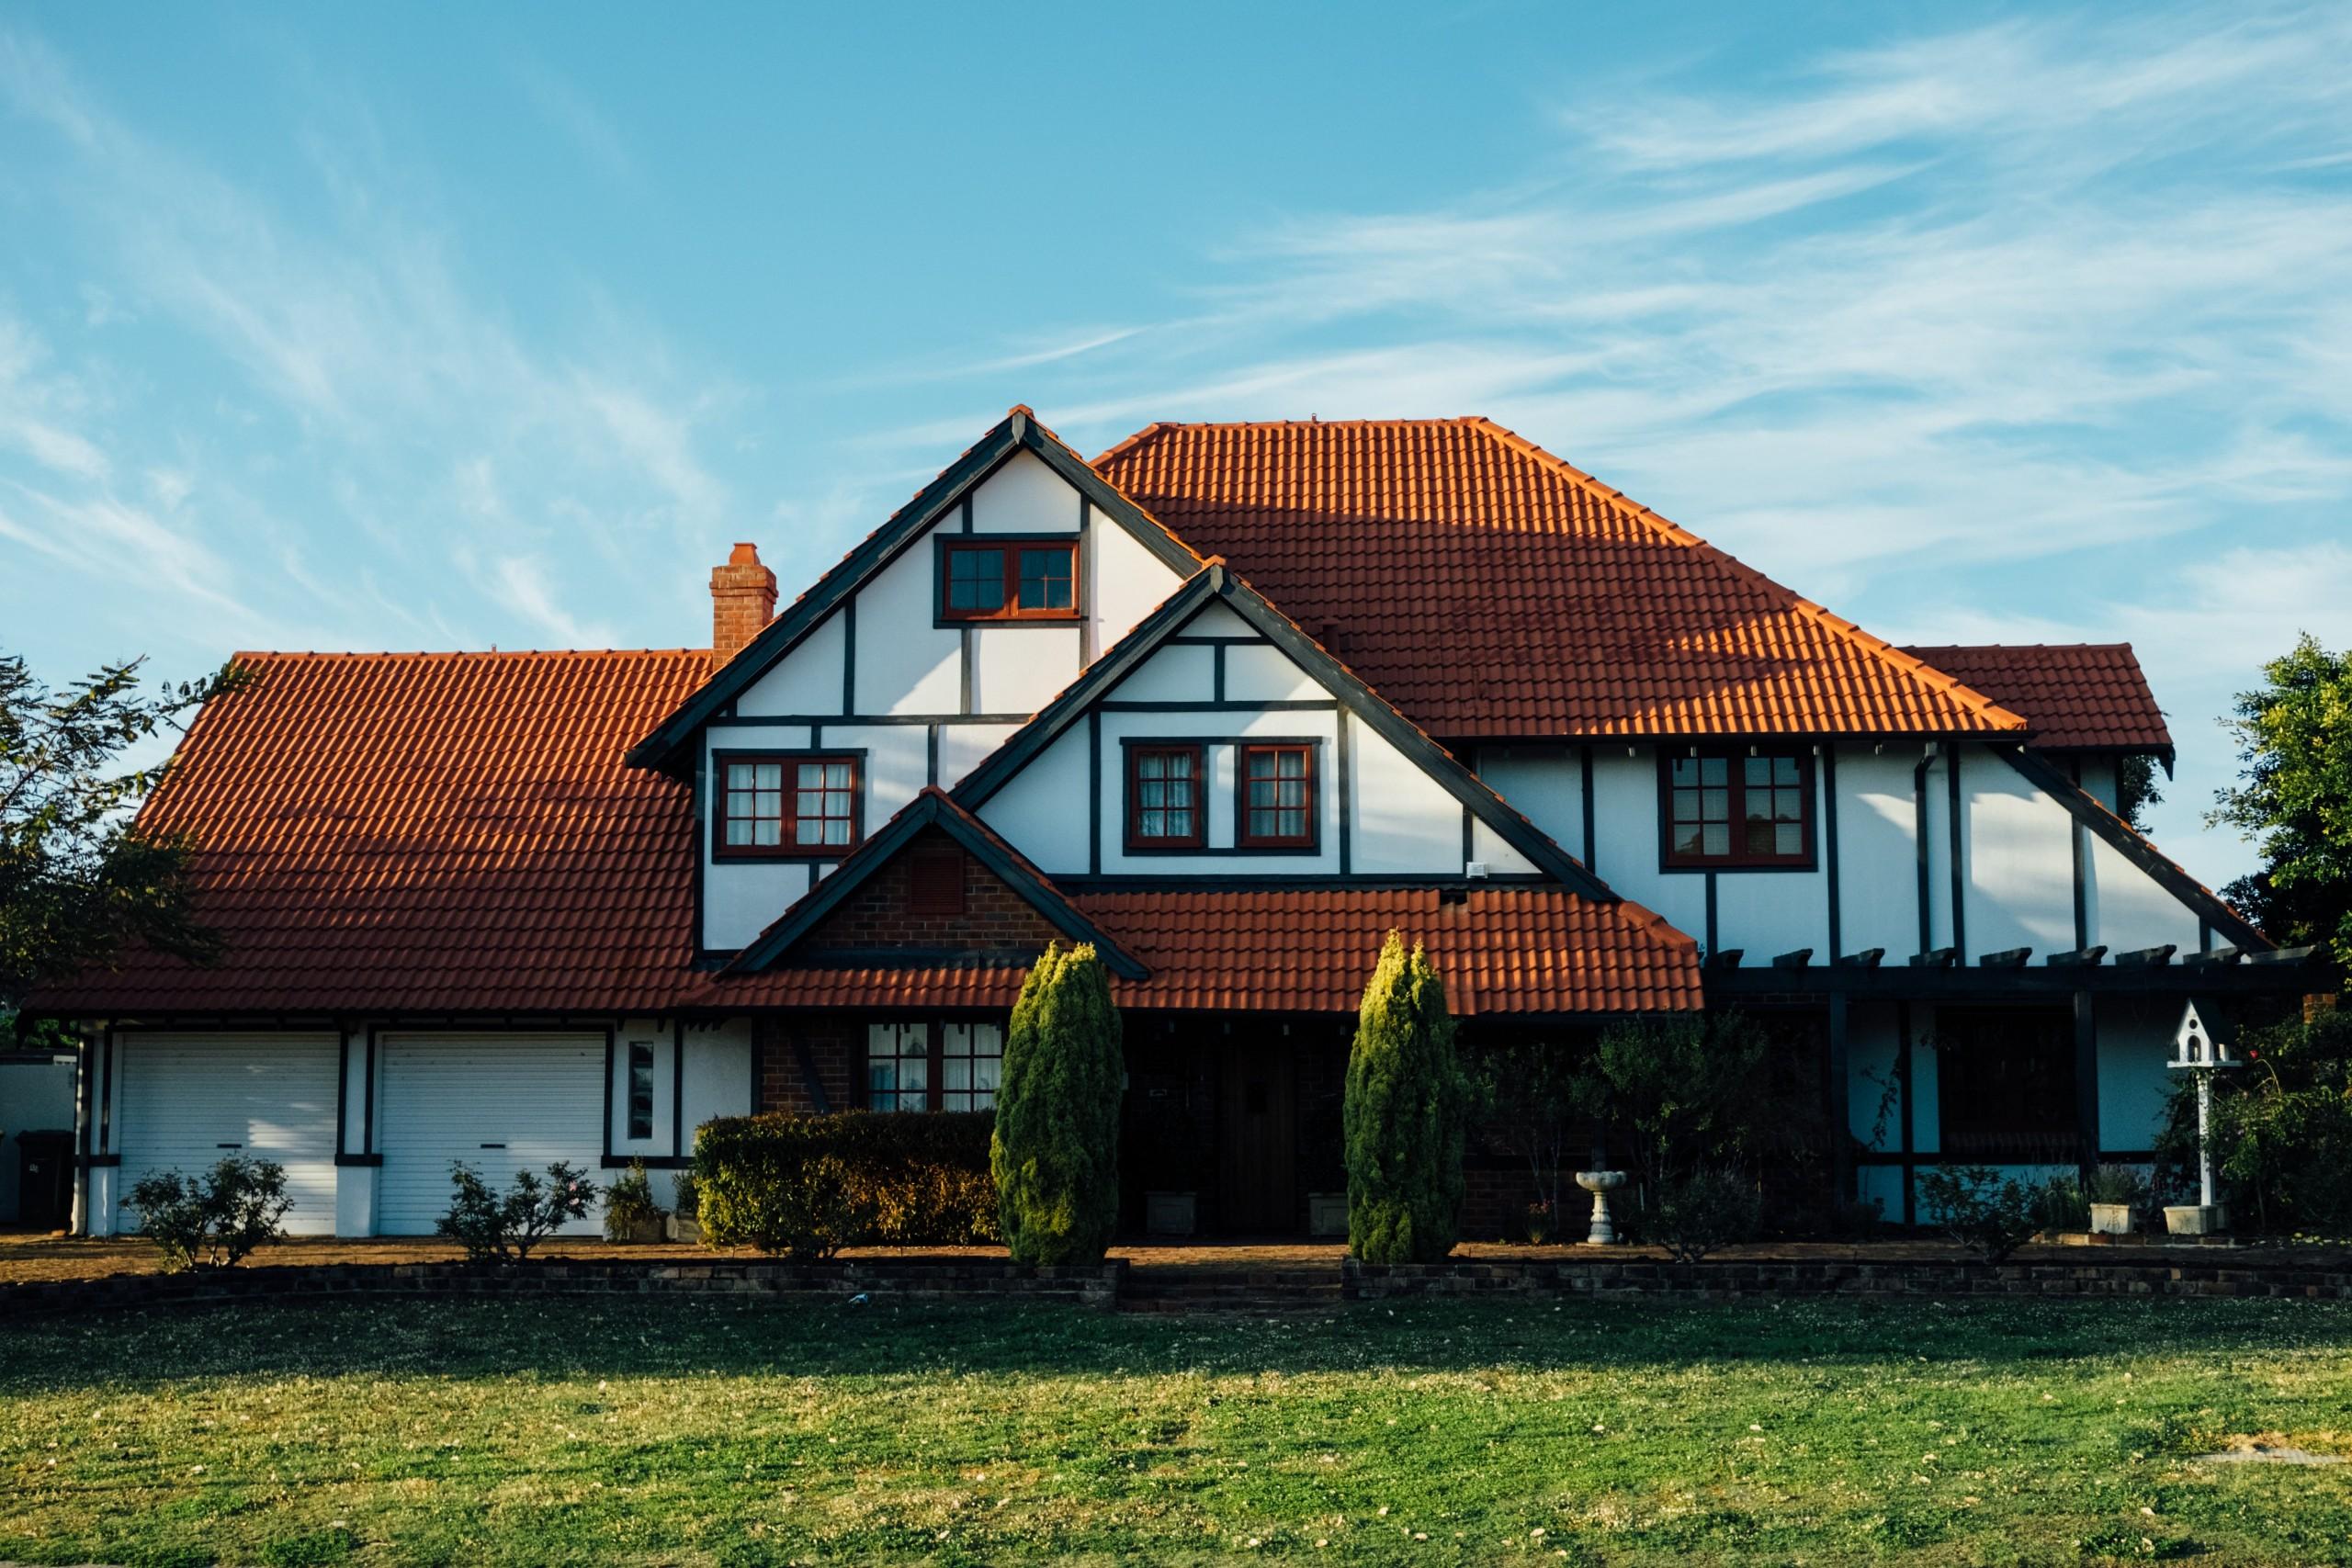 Comment bien isoler sa maison ? - Rénovation et Décoration